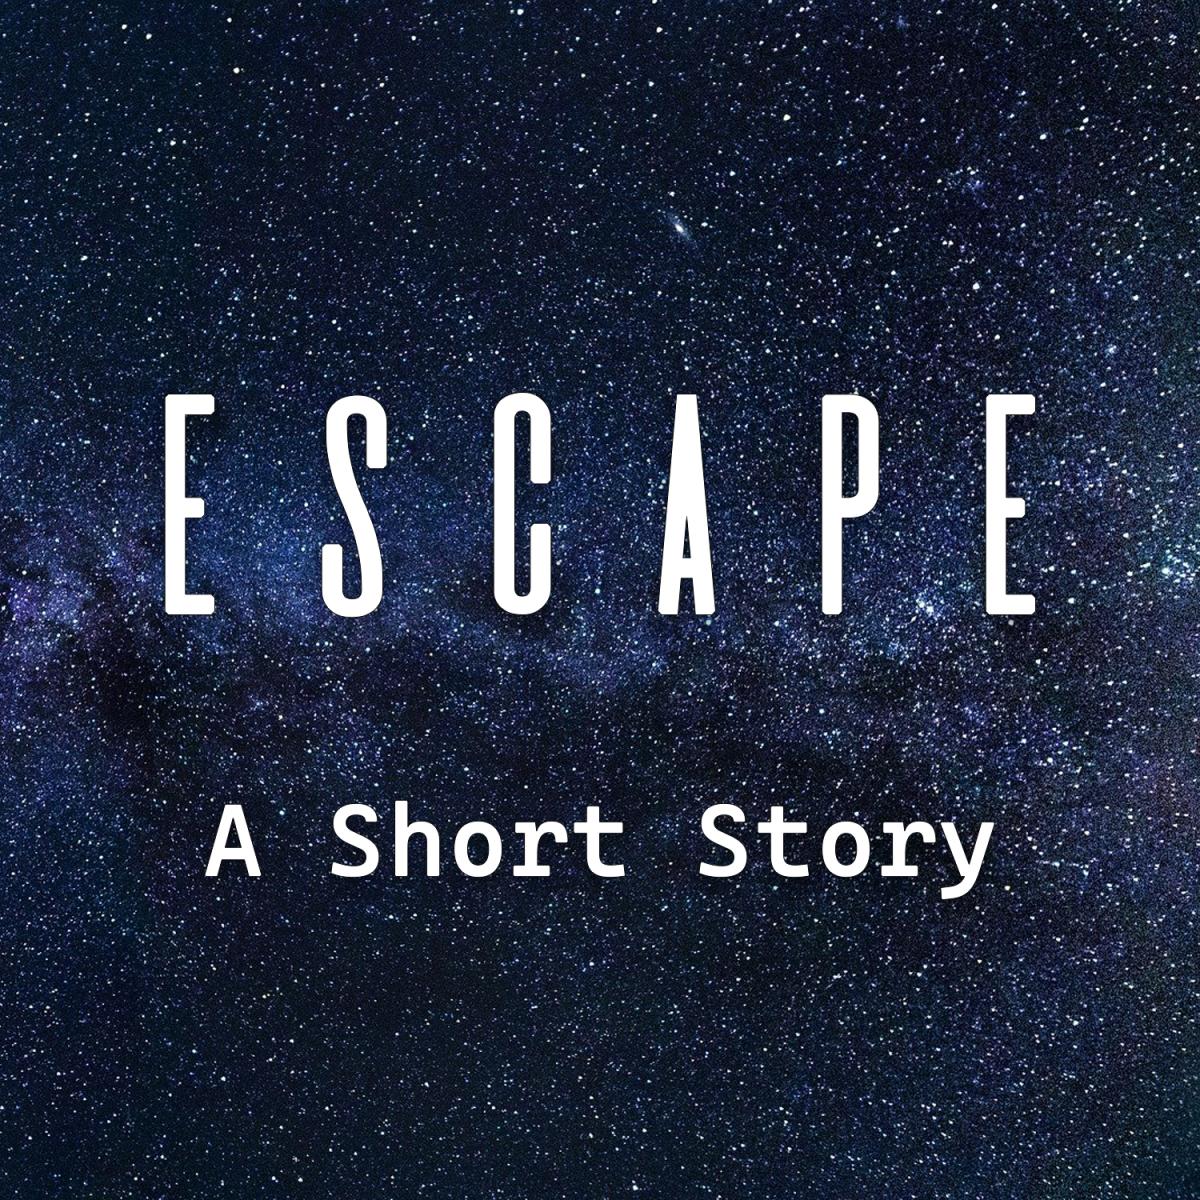 Escape by Jennifer Wilber